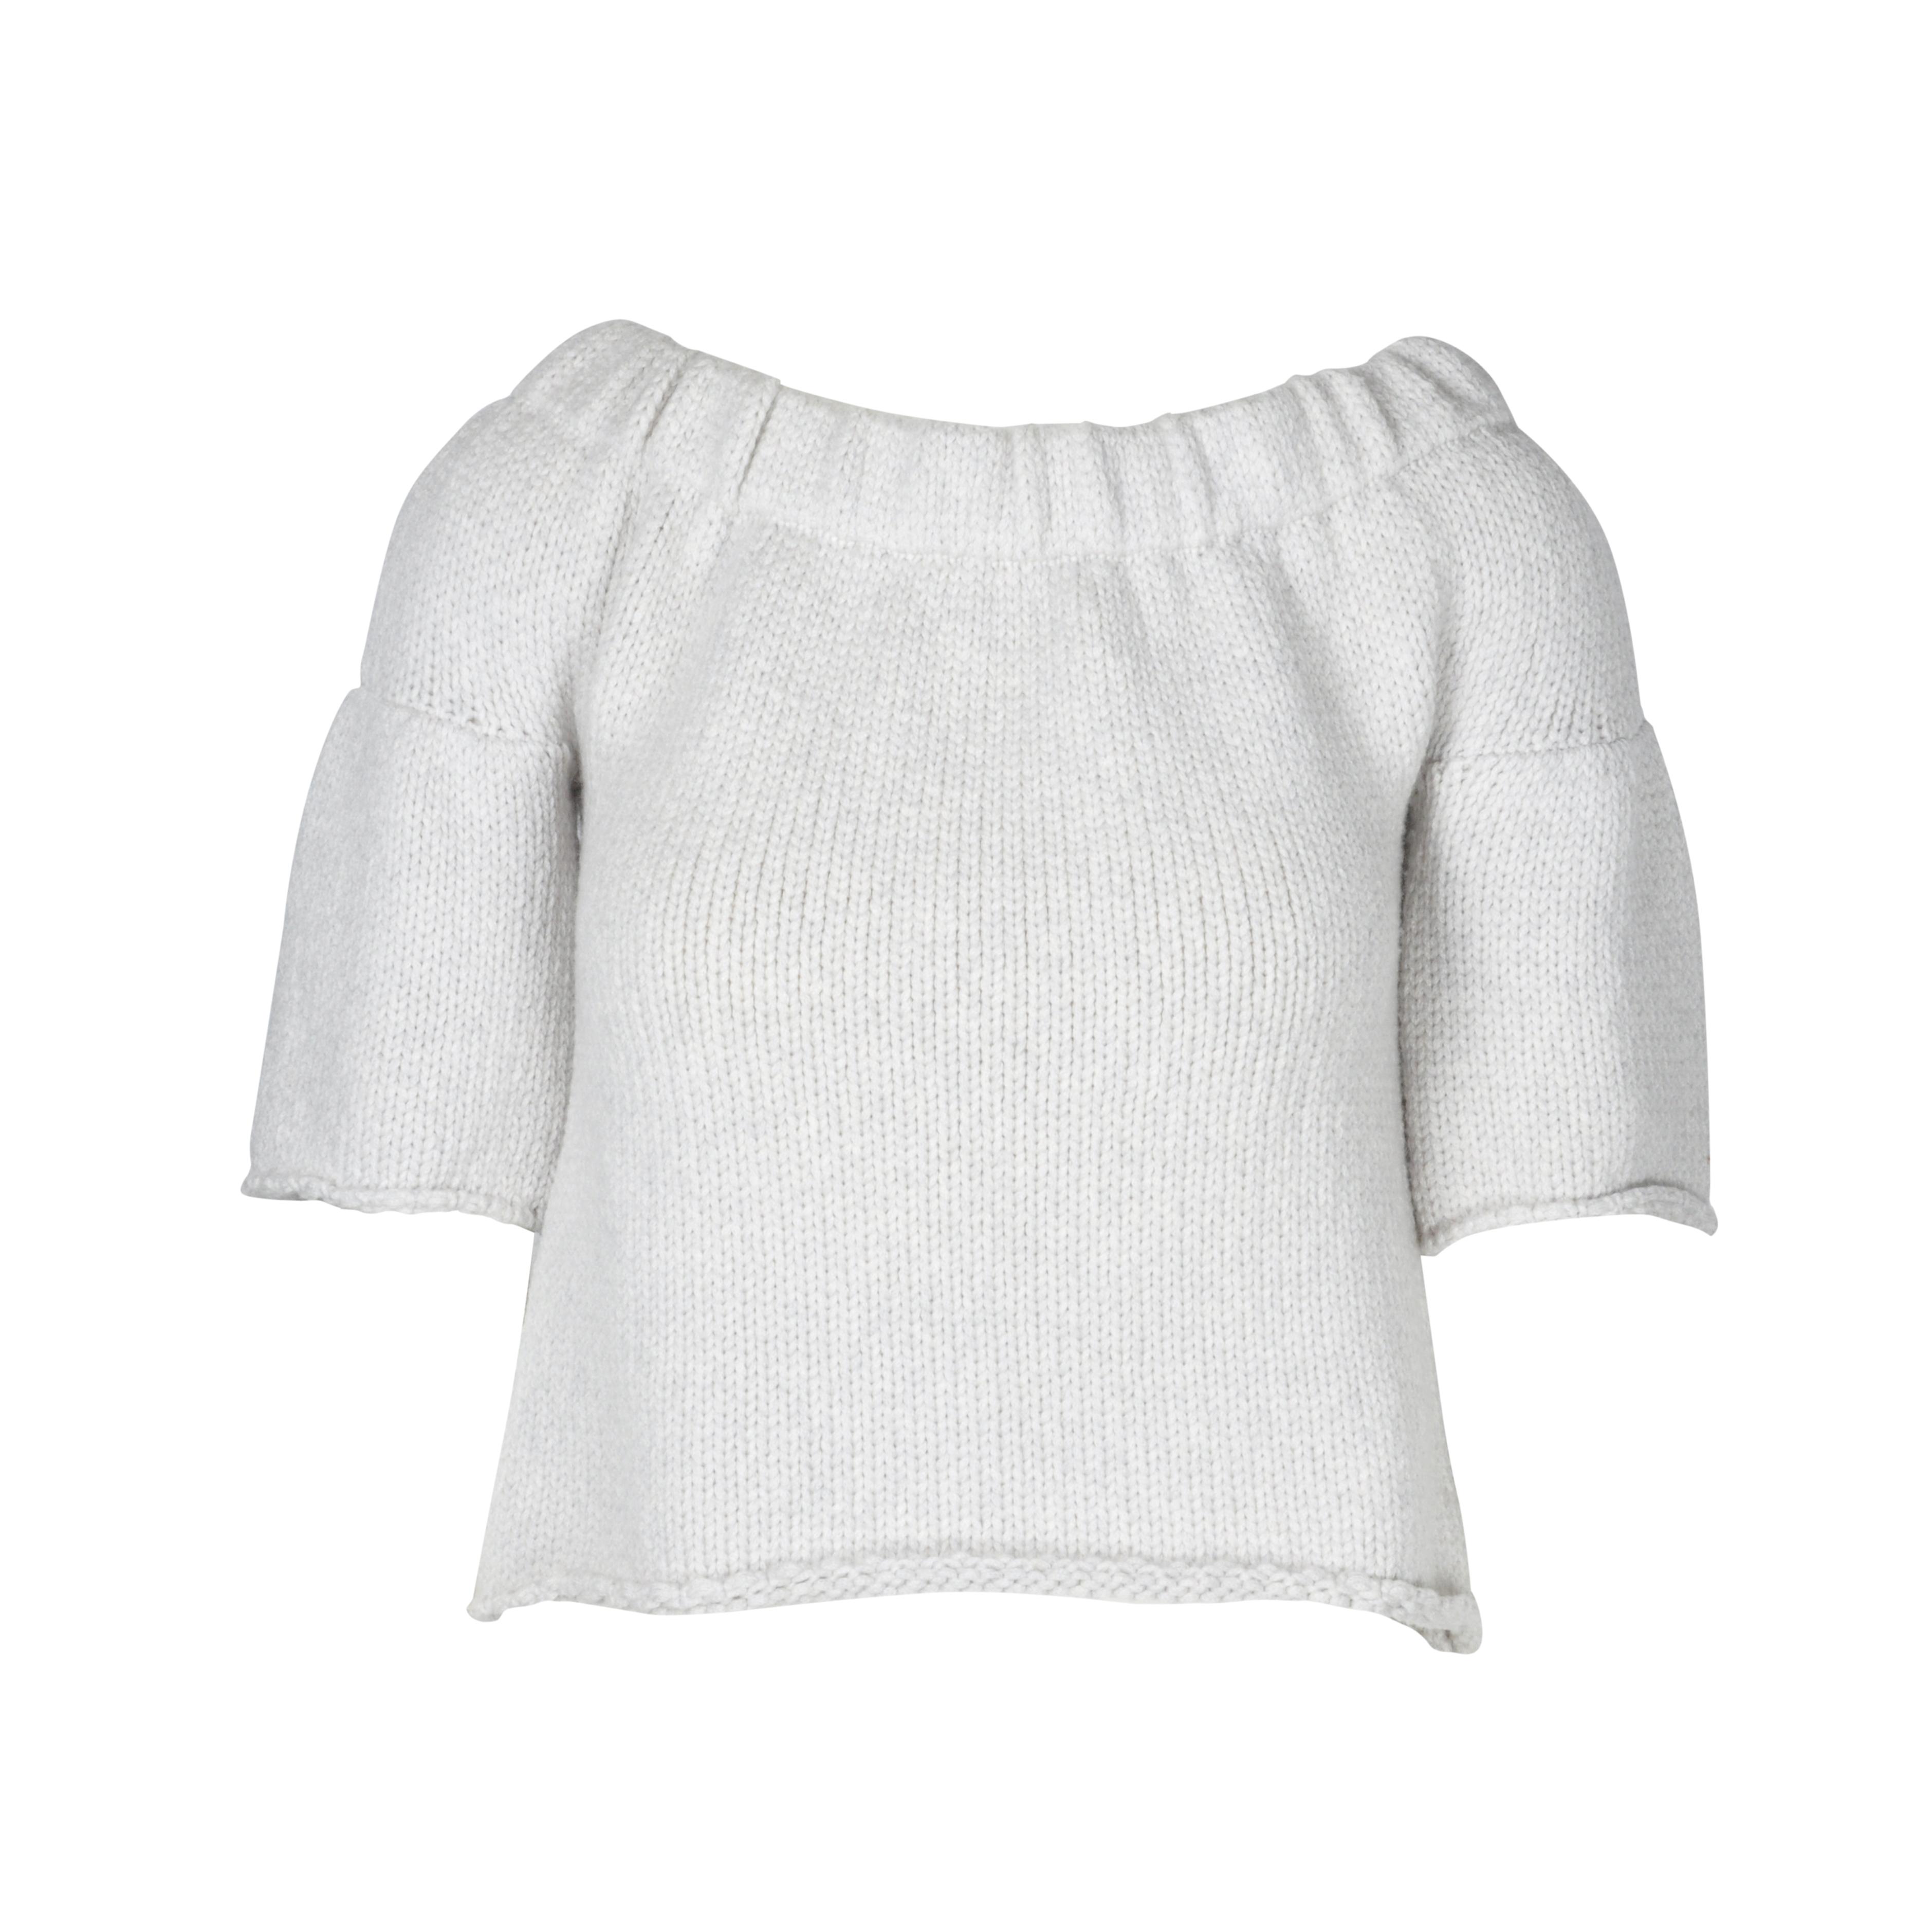 dc4a86b85d40d Authentic Second Hand Miu Miu Knit Crop Top (PSS-075-00050)